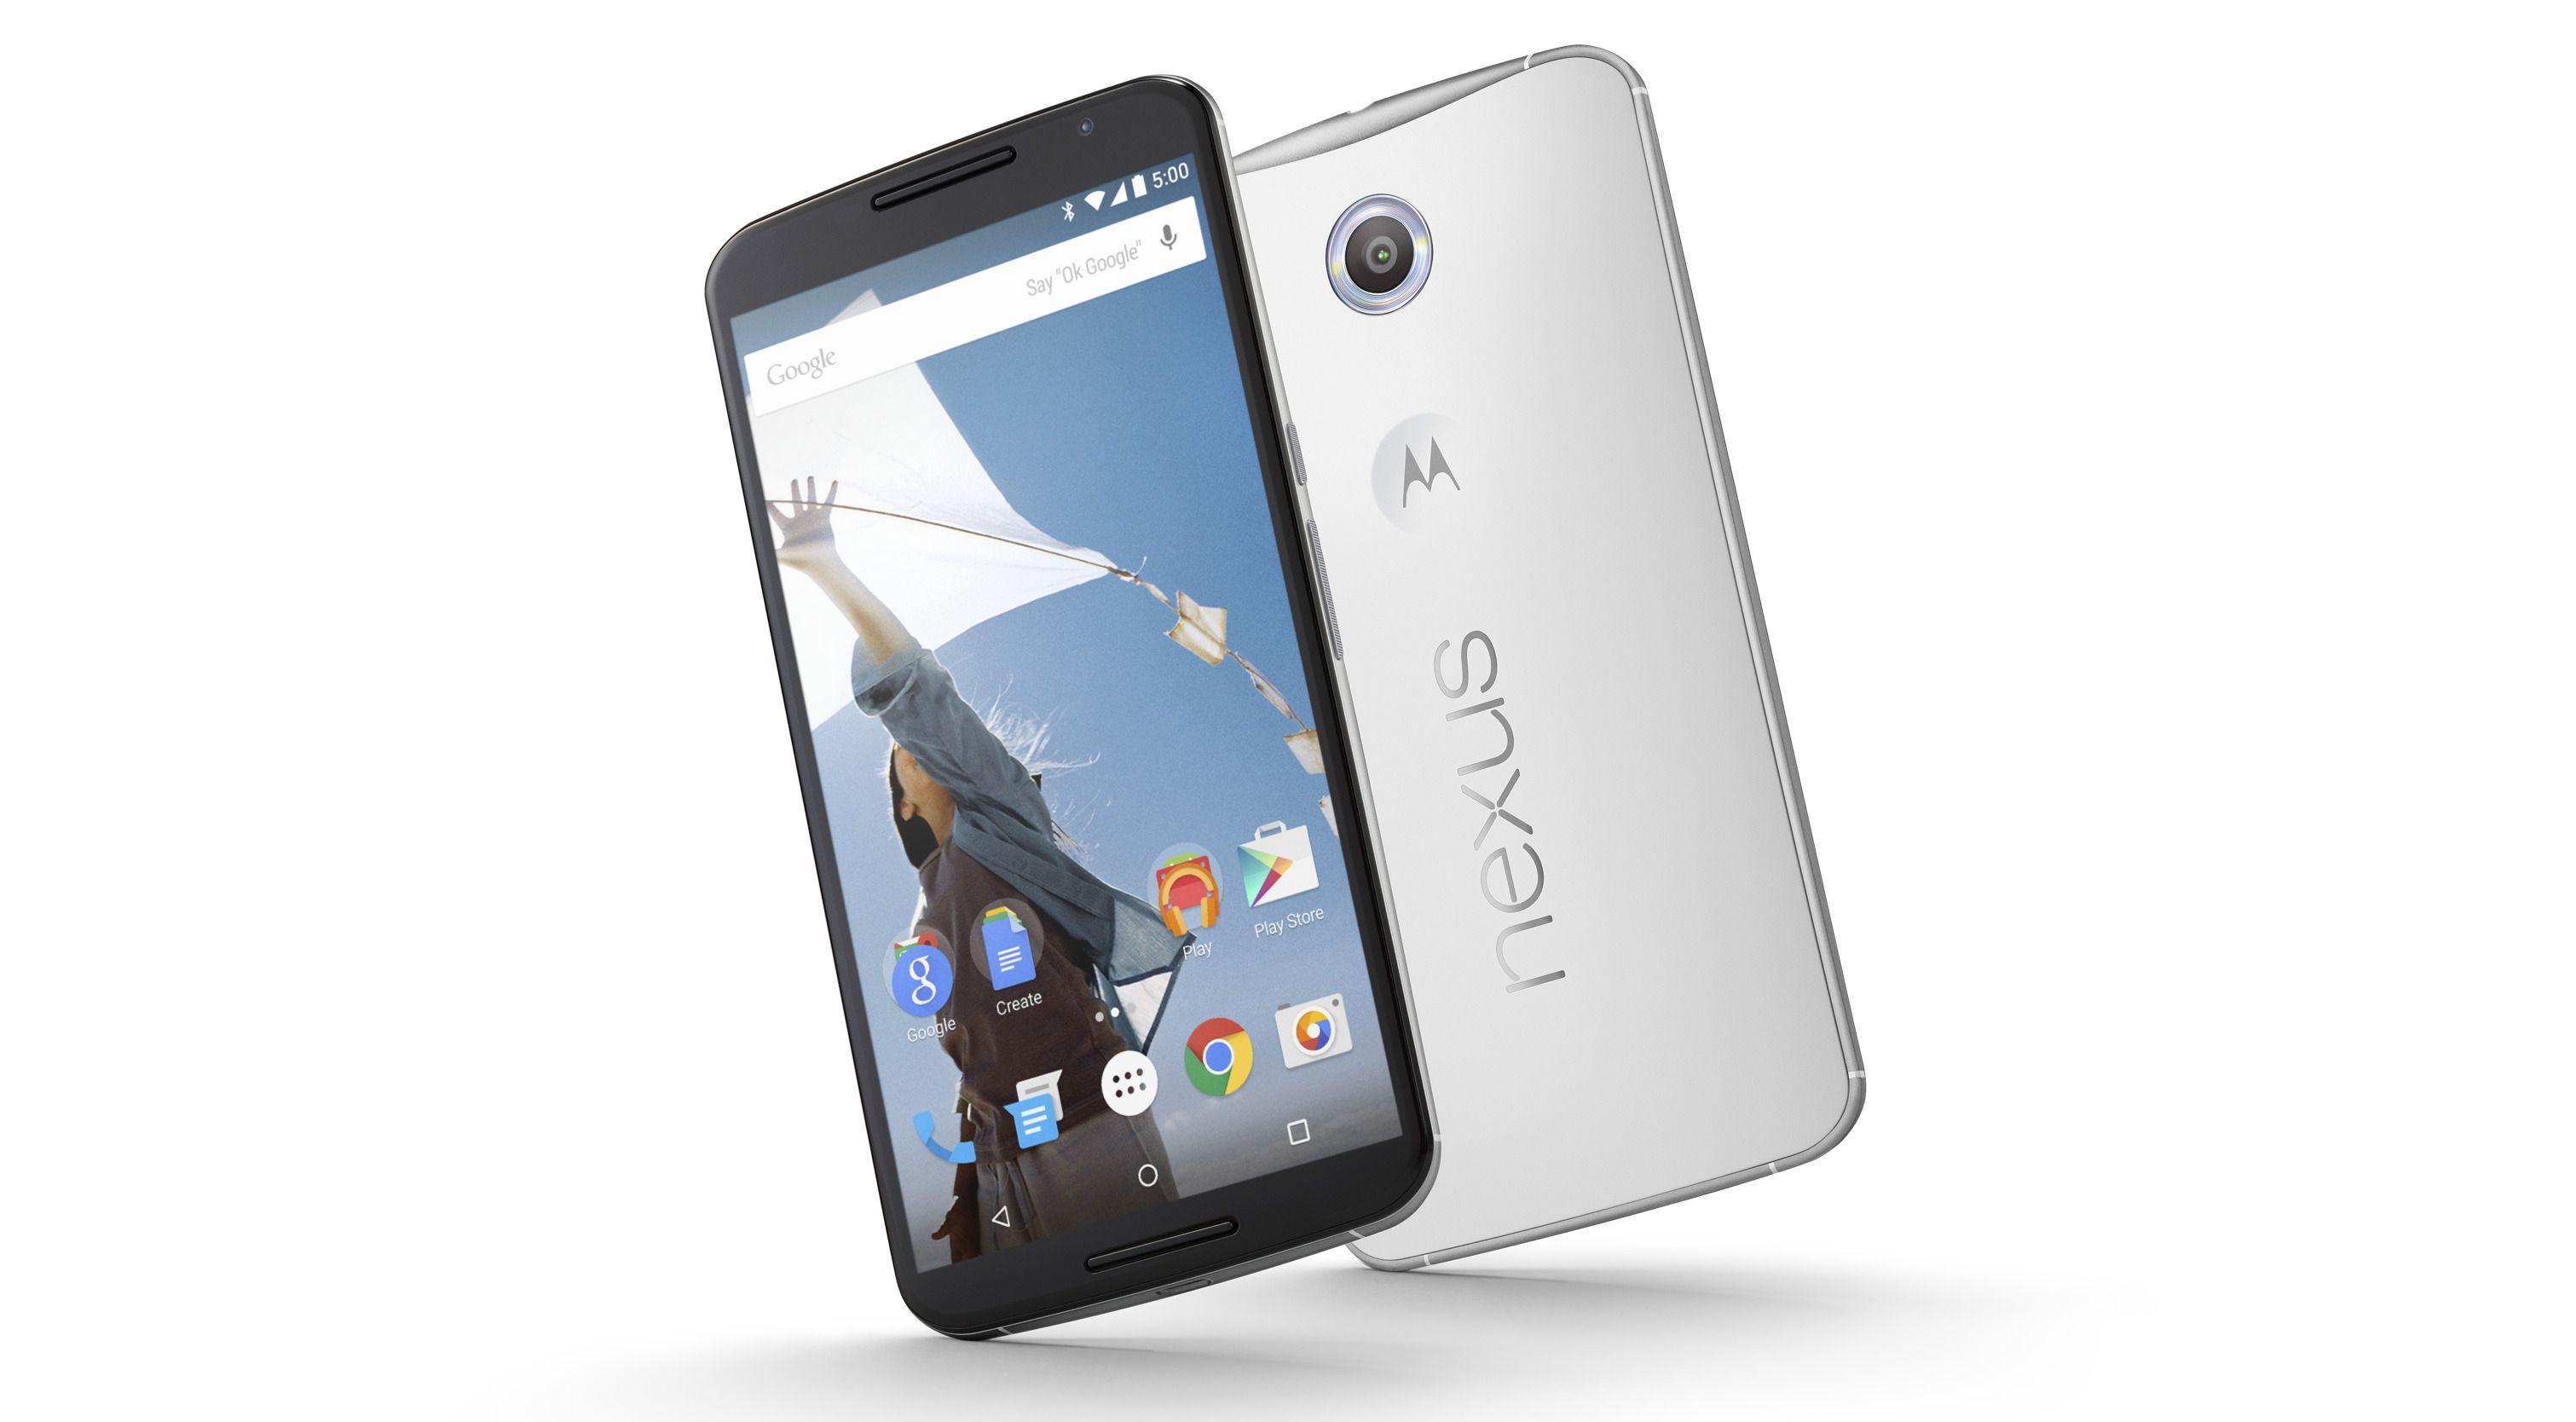 Nexus 6 fikk en 6 tommer stor skjerm. At en eventuell «Nexus 7» får samme karakteristikk er heller usannsynlig. Foto: Google